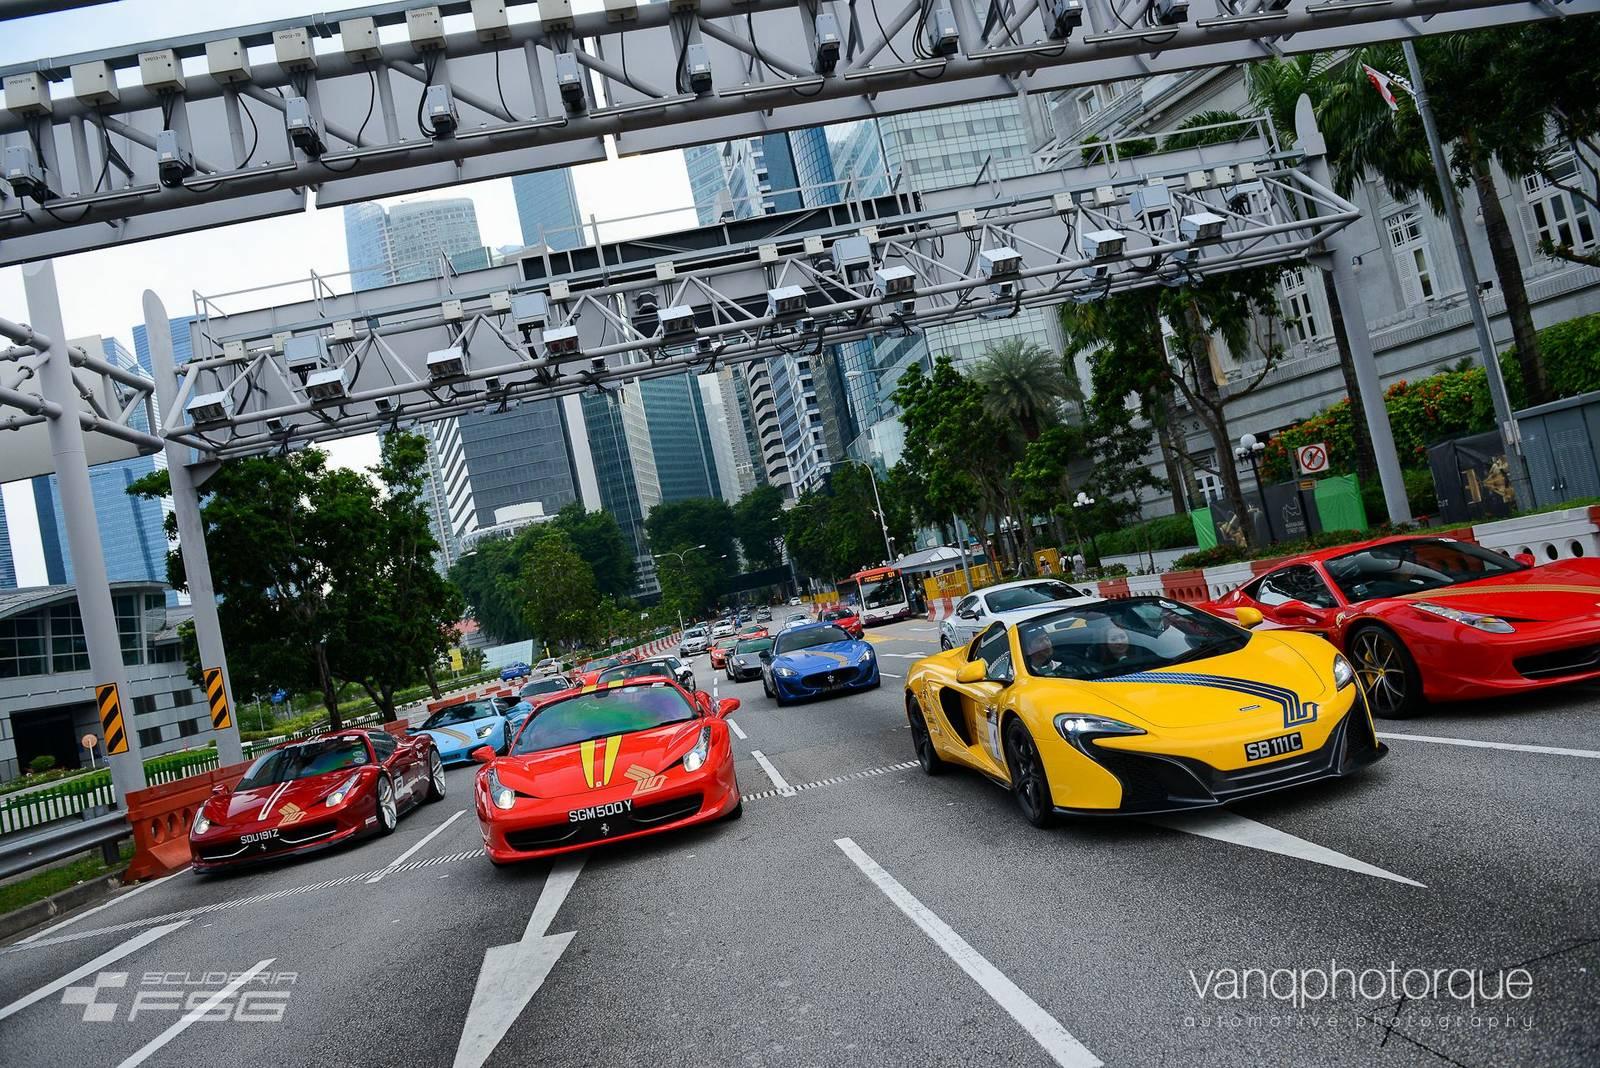 Đại gia Singapore khoe dàn xe hùng hậu trên phố